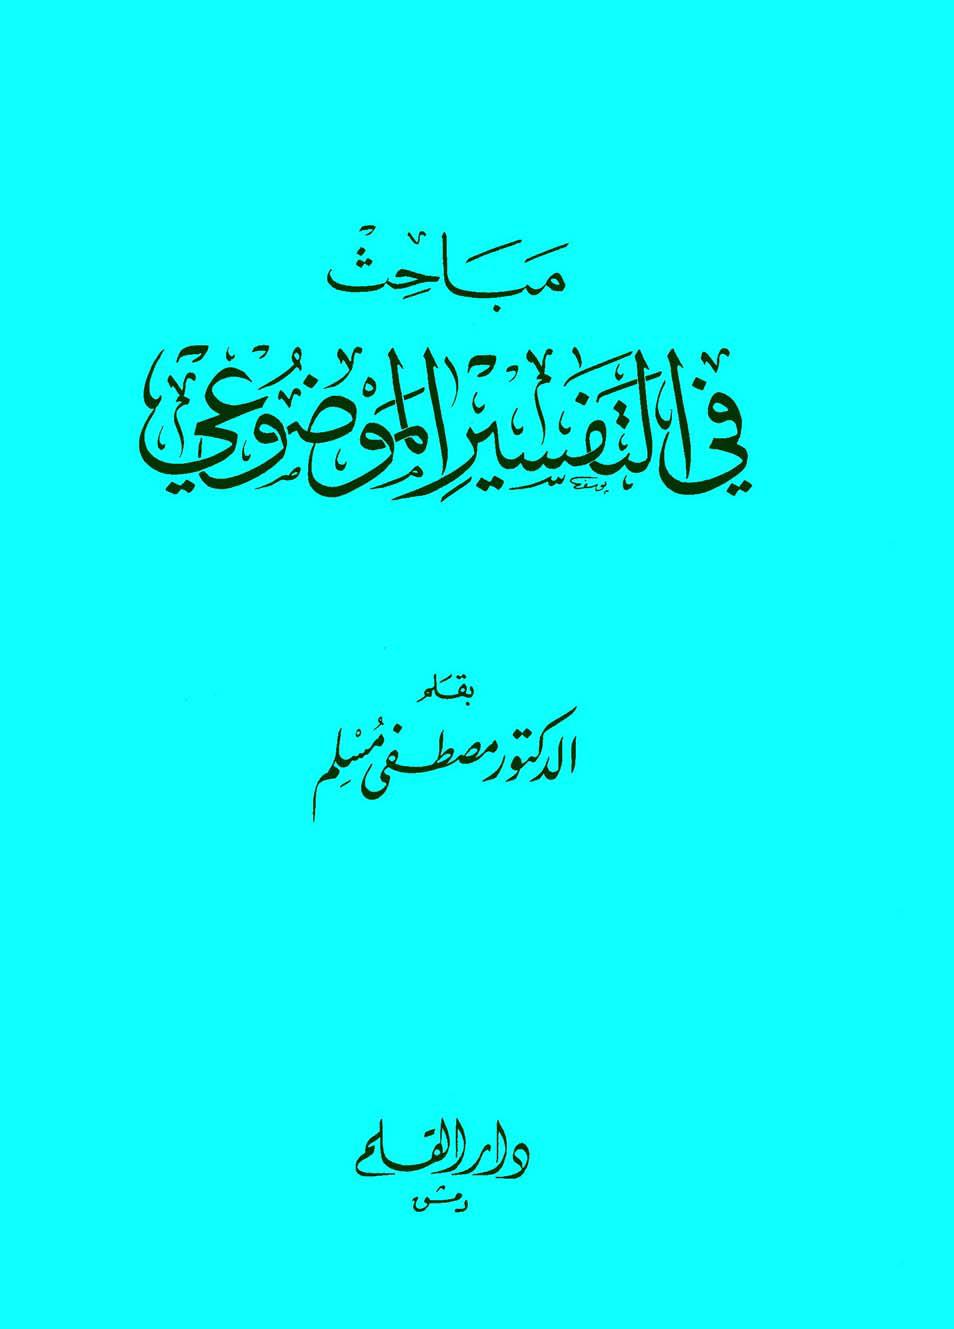 تحميل كتاب مباحث في التفسير الموضوعي لـِ: الدكتور مصطفى مسلم محمد